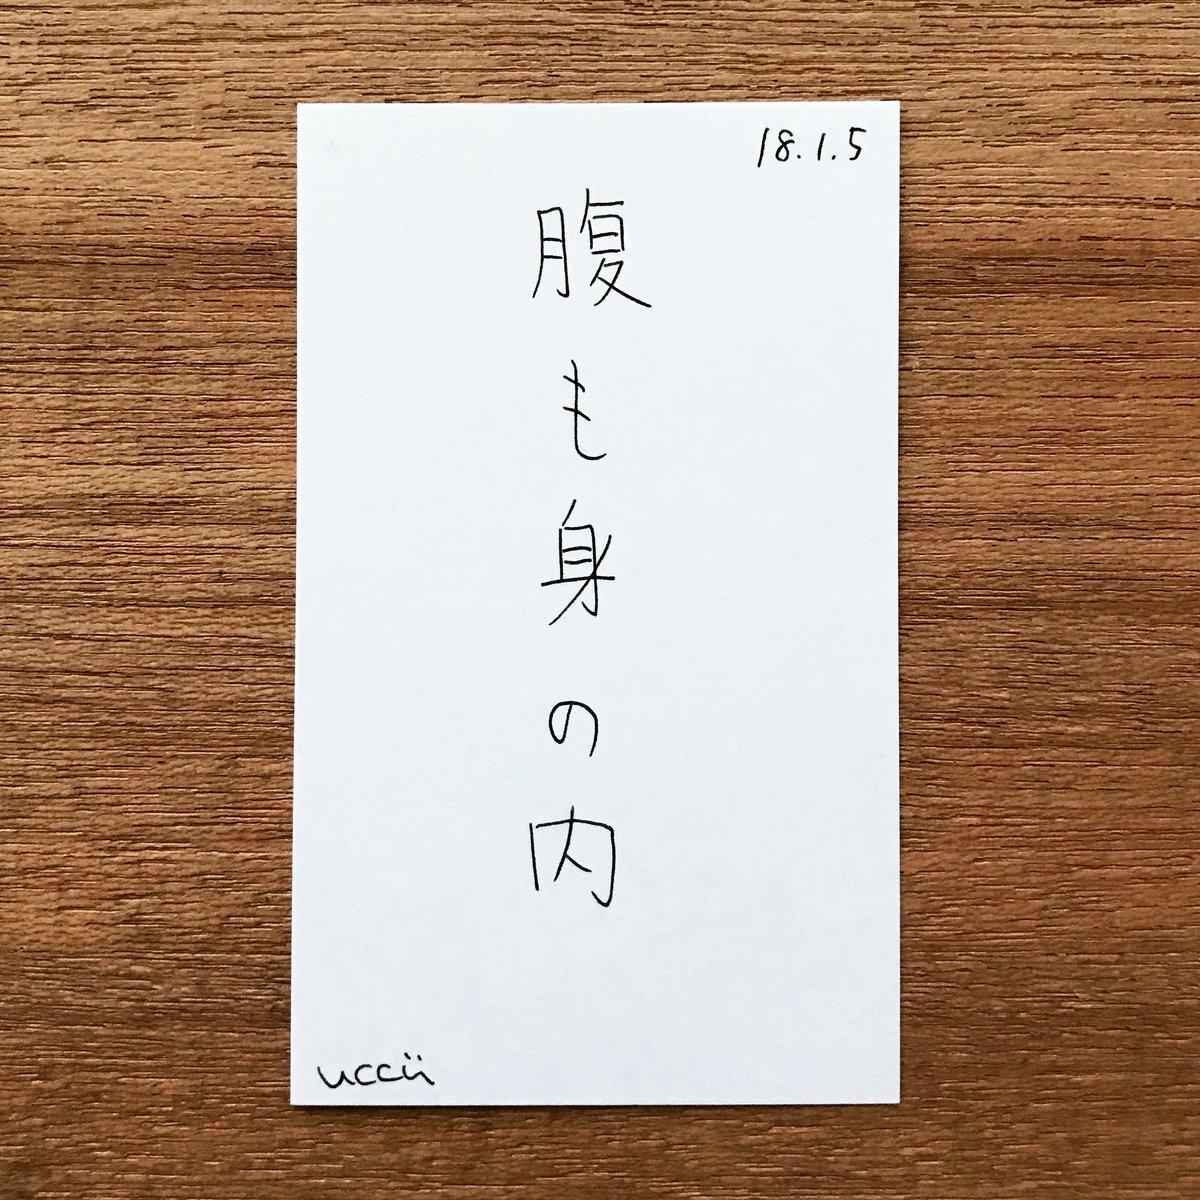 ウチヤマ ケンイチ on Twitter: ...